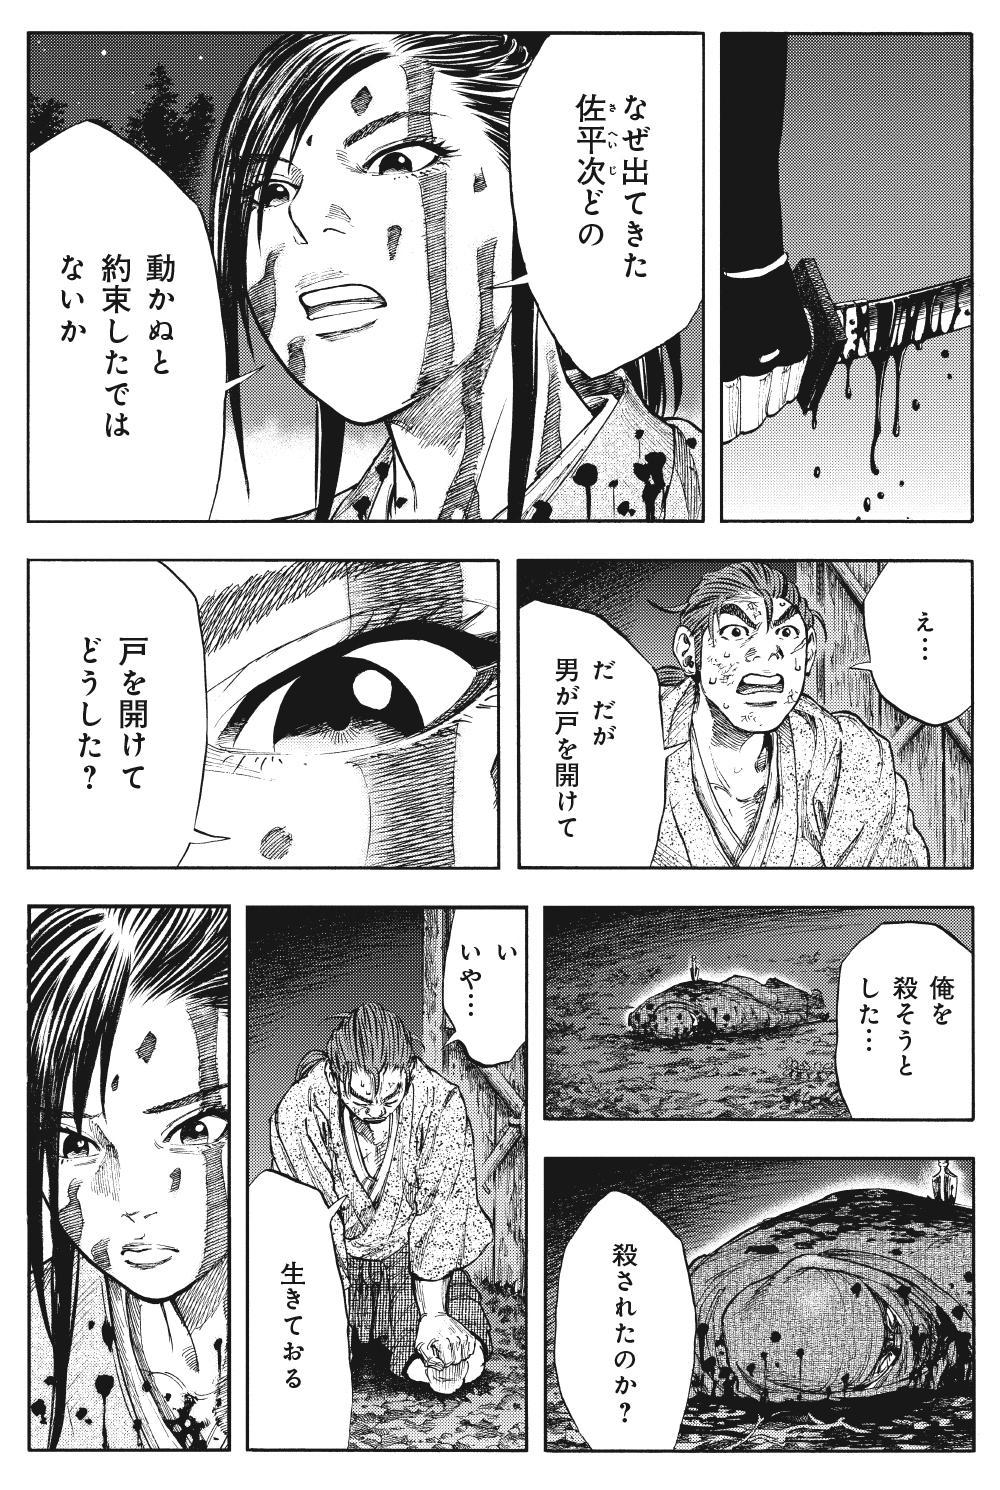 真田太平記 第7話「暗夜激闘」①sanada13-14.jpg